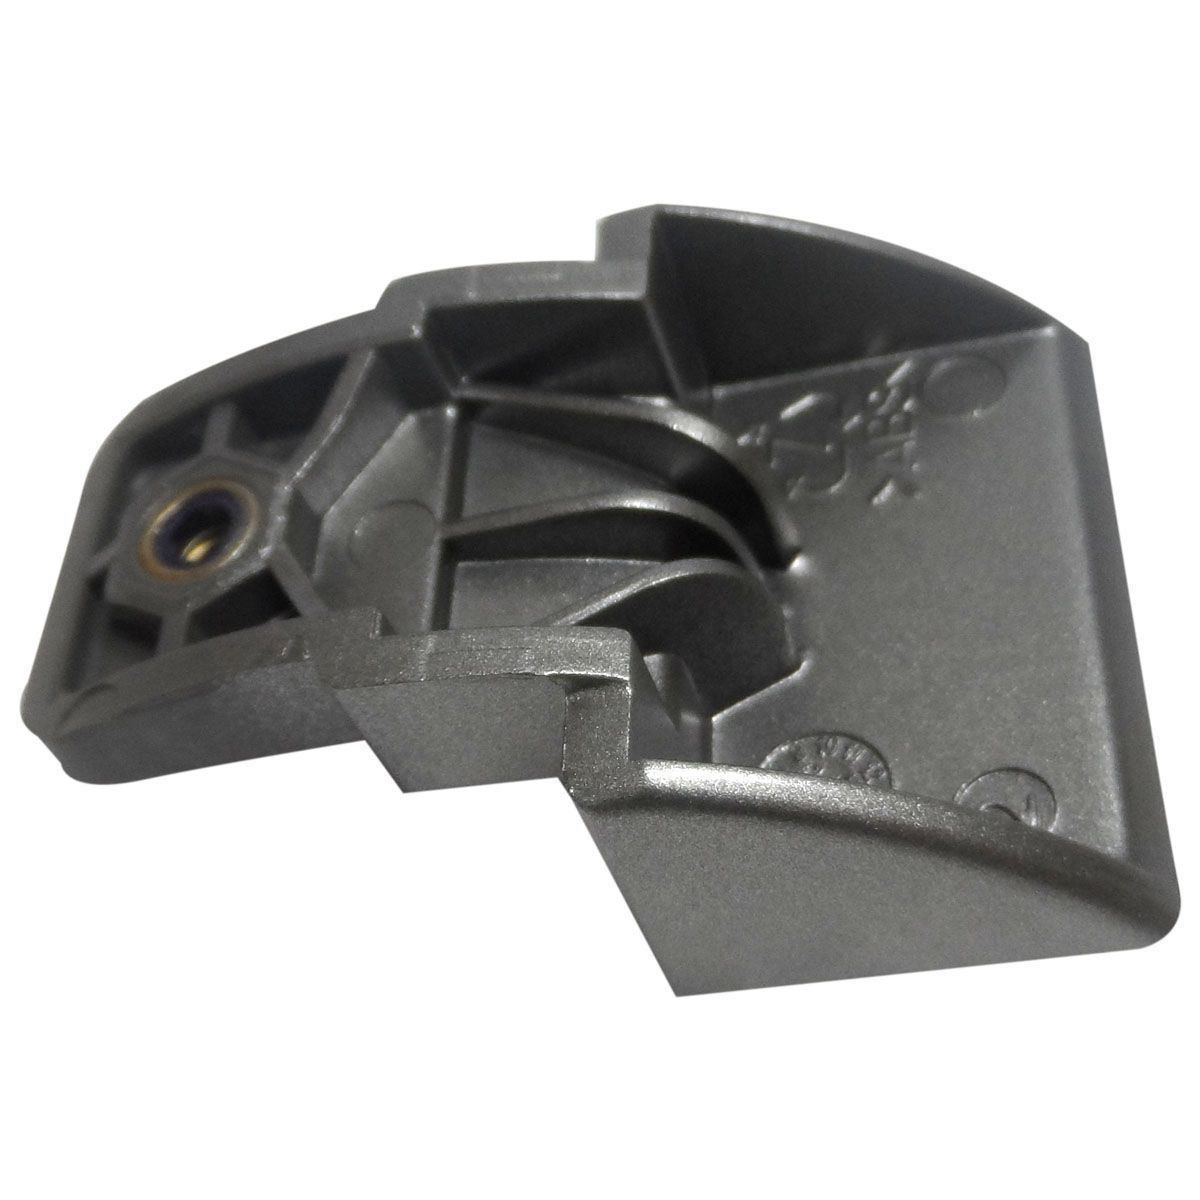 Suporte Puxador Inox Inferior Electrolux 67403305